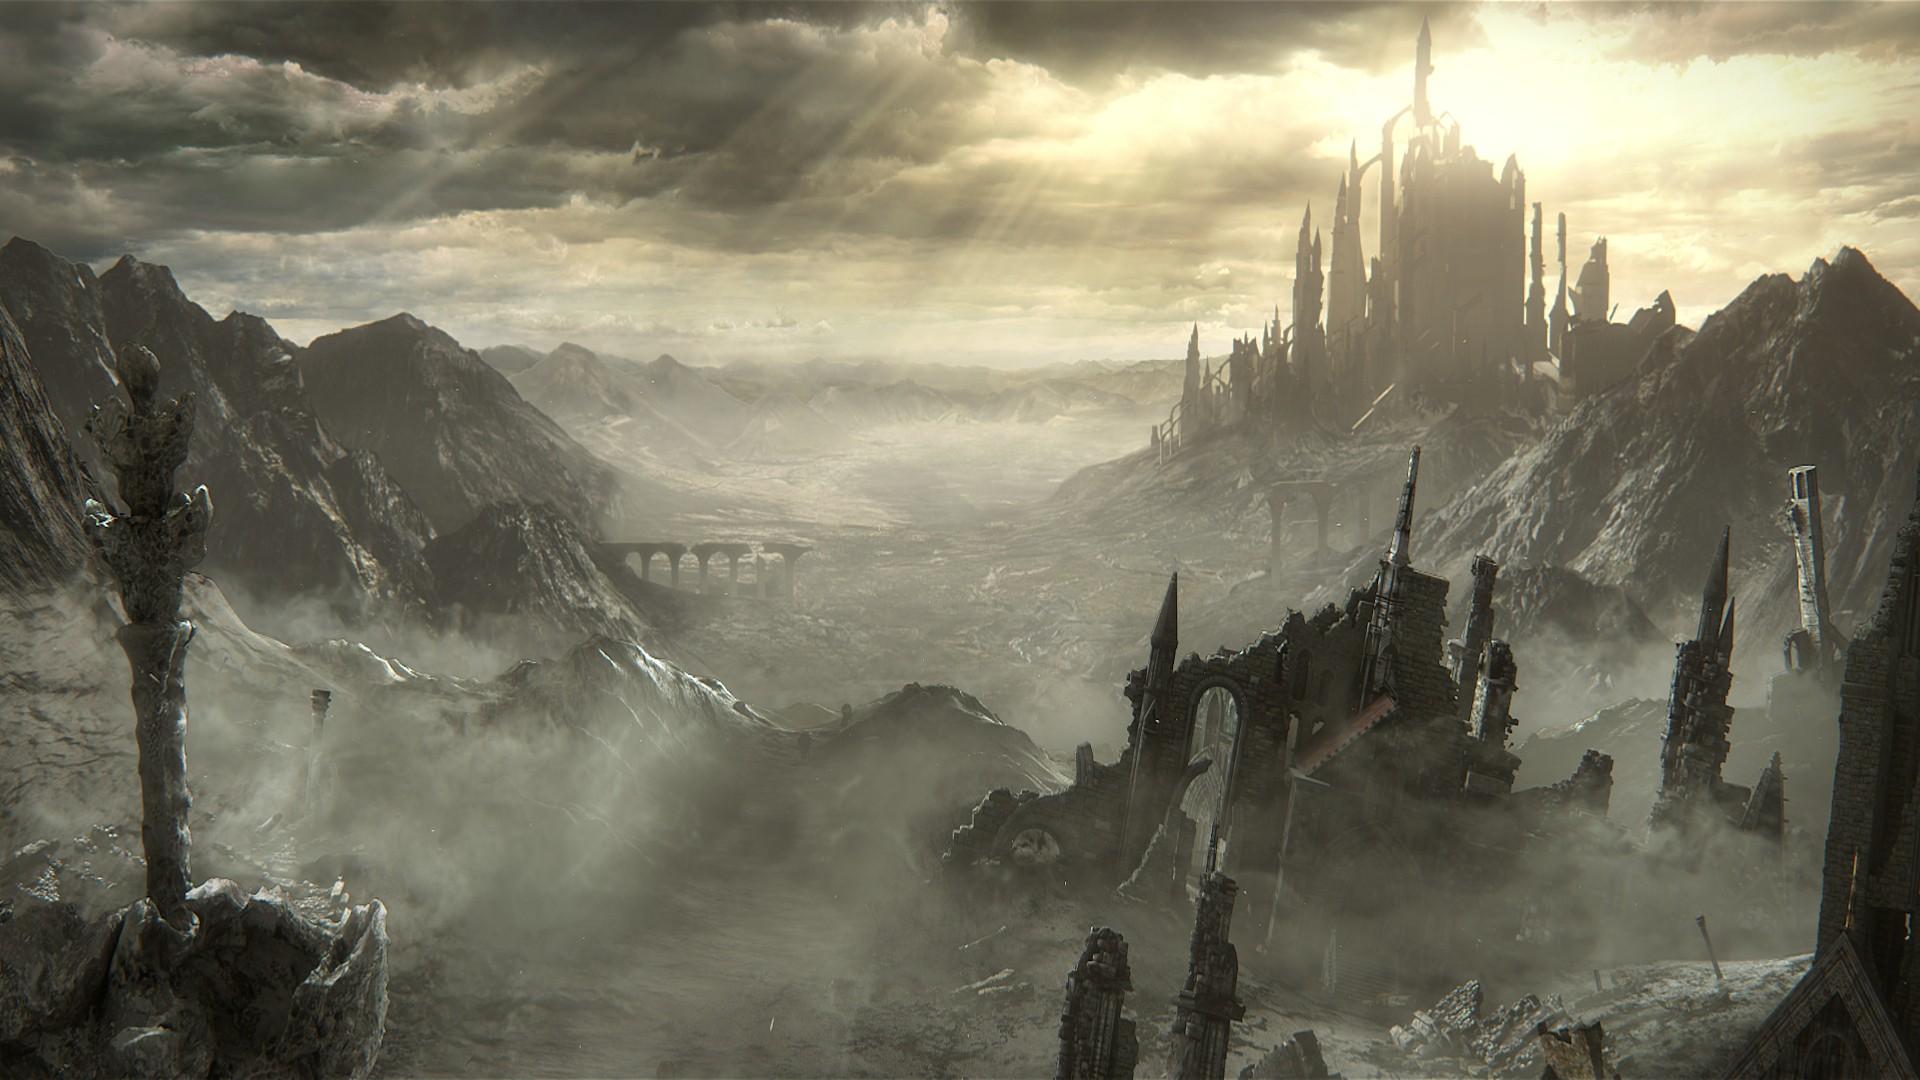 The Ringed City Wallpaper: Hintergrundbilder : Sonnenlicht, Landschaft, Videospiele